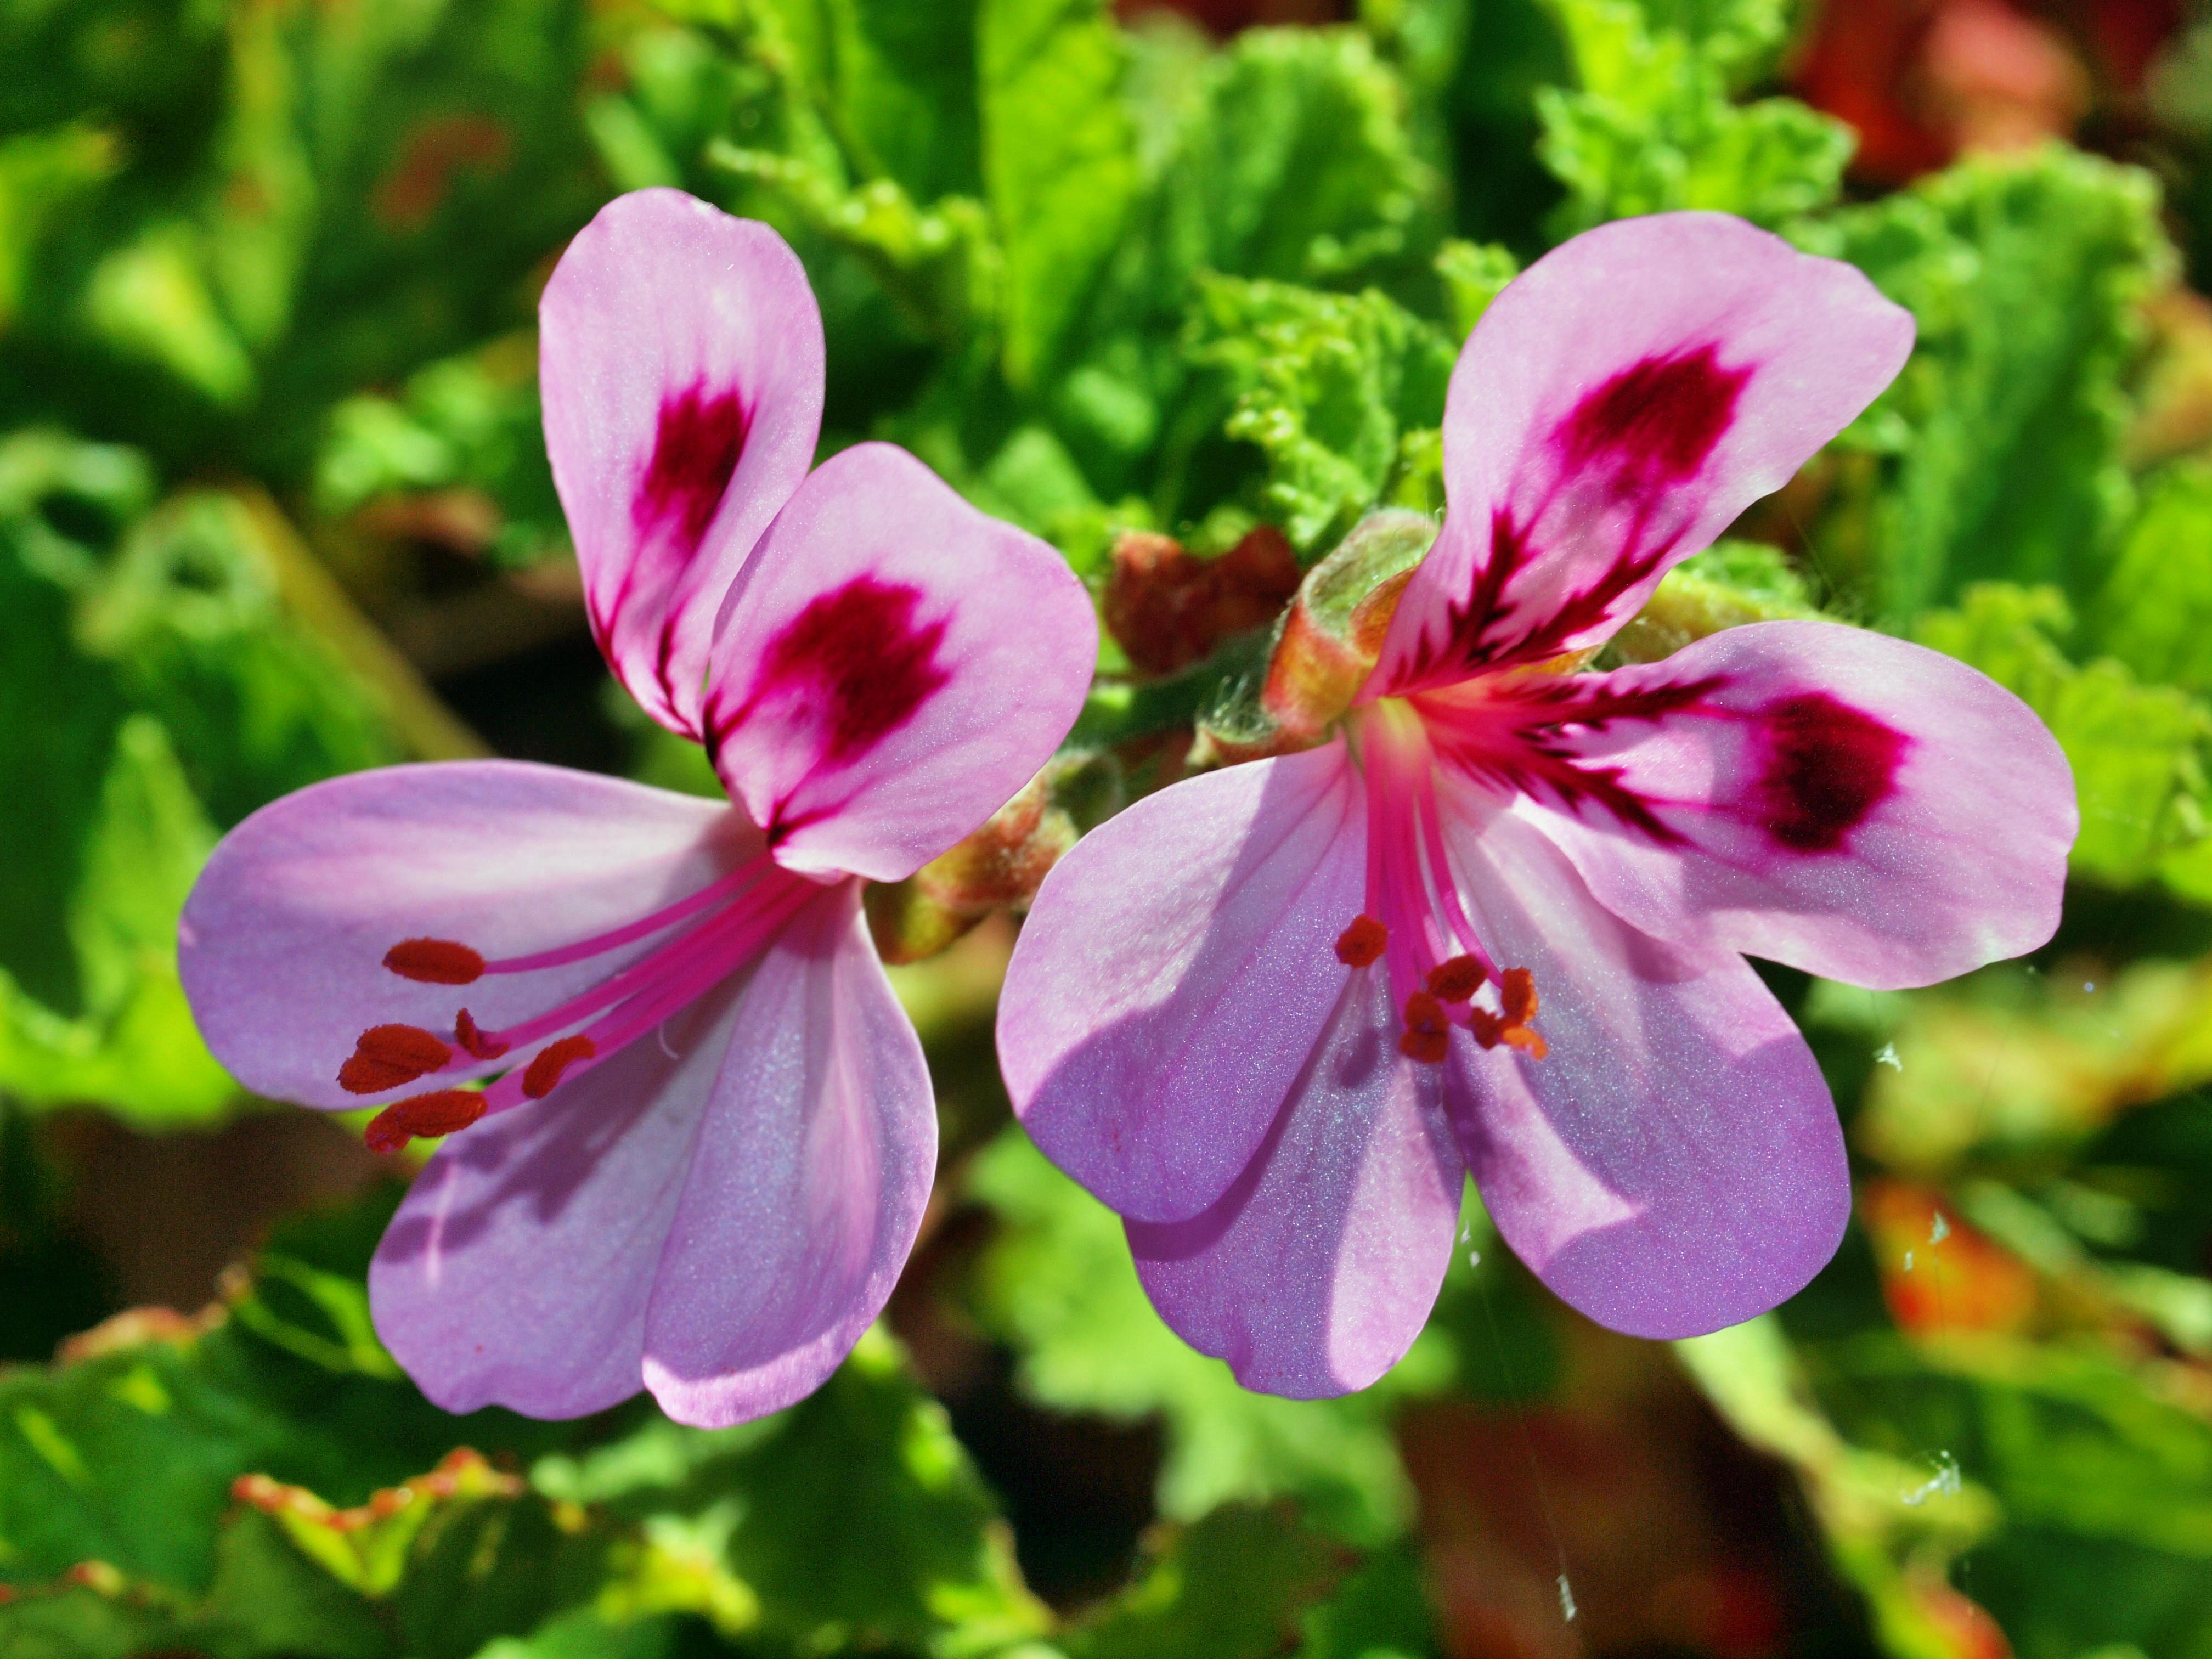 Pelargonium-7.jpeg